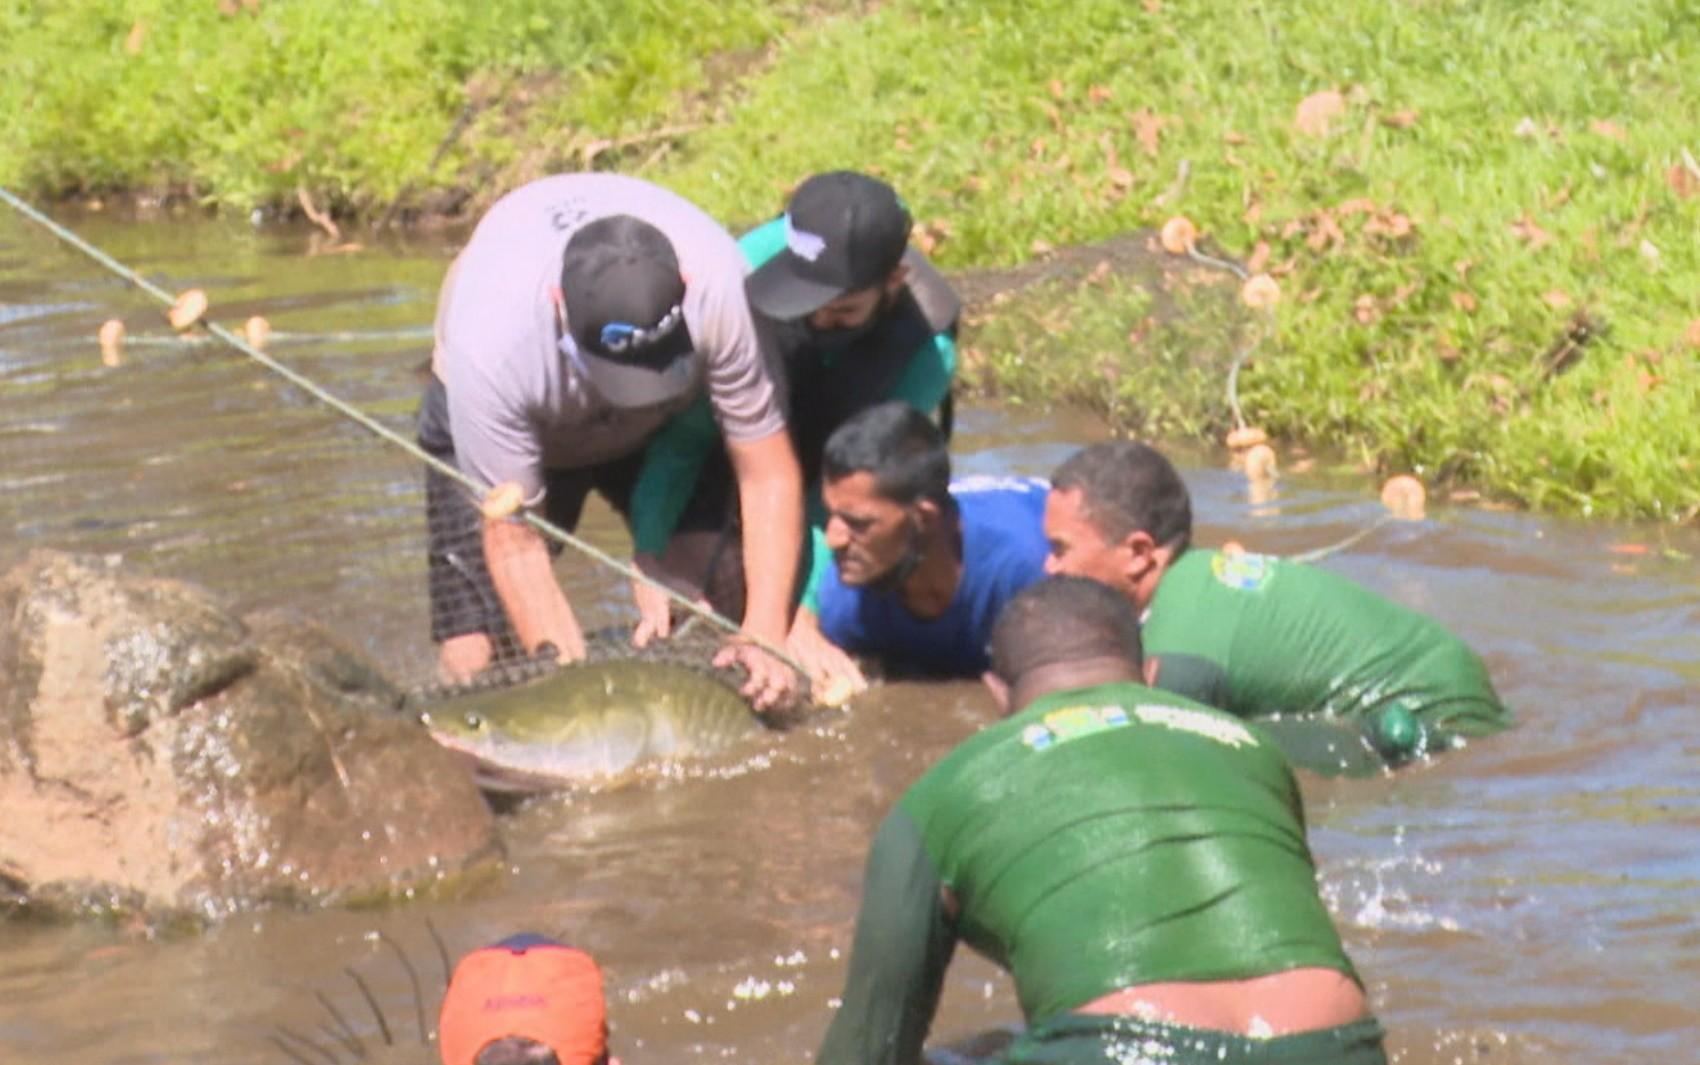 Força-tarefa retira pirarucu de quase 2 metros de lago após 2h e peixe fugir quatro vezes da rede em Goiânia; vídeo